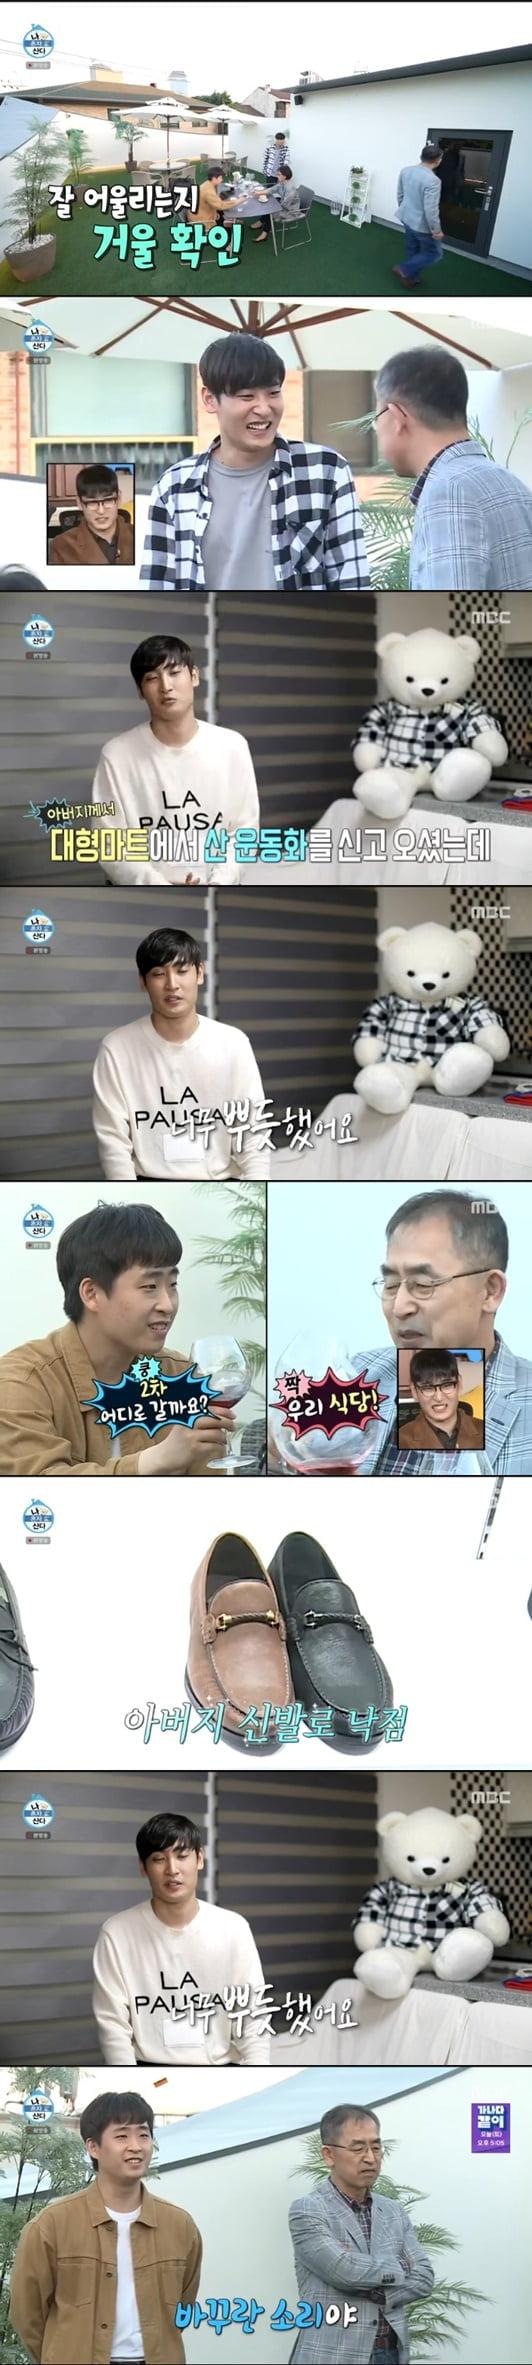 """박재정, 광고 계약금으로 가족들에게 선물FLEX...""""가족이 행복하면 나도 행복""""('나혼산')"""